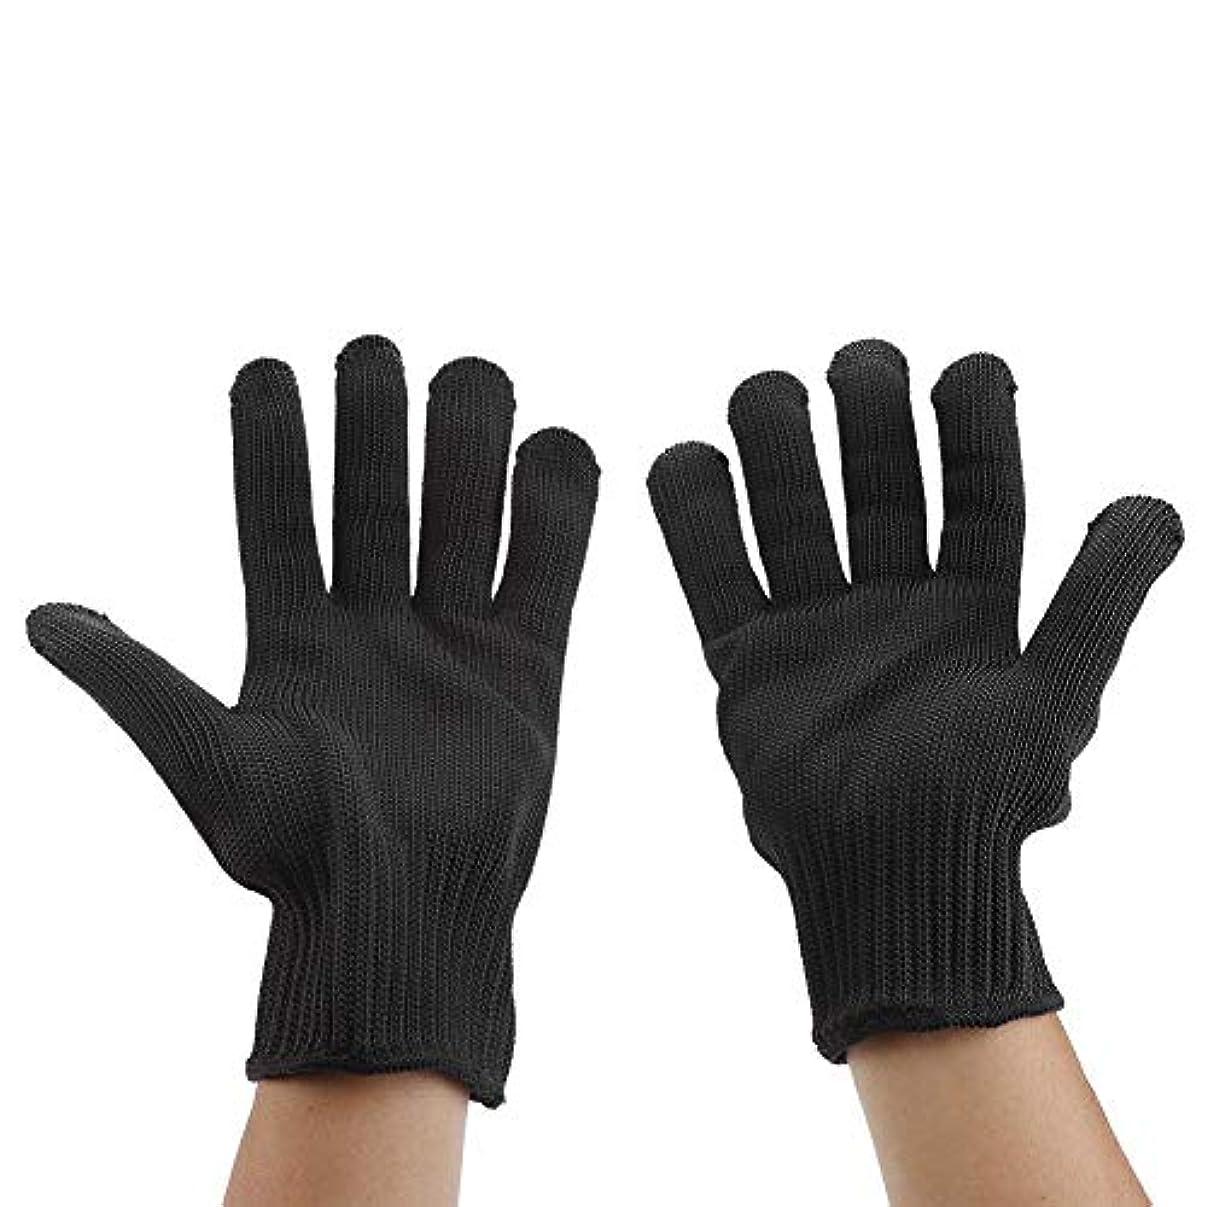 首利点所得カット耐性手袋、食品等級レベル5保護、台所用安全性カット手袋、マンドリンスライス、魚切り身、オイスターシャック、肉切りと木彫り(1ペア)(#3)